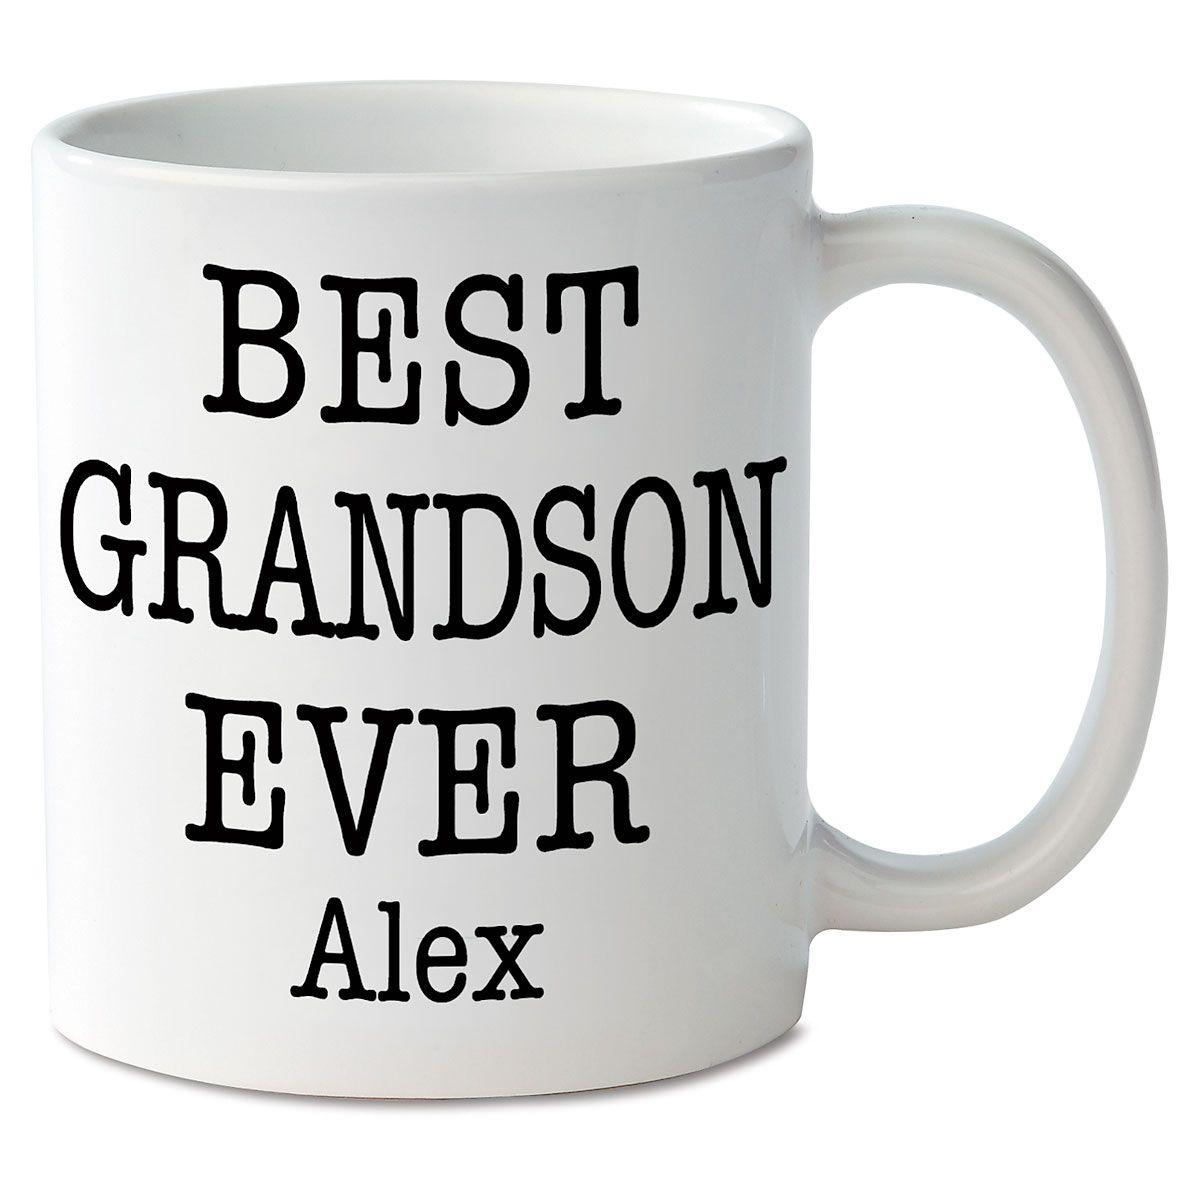 Best Grandson Ever Novelty Mug